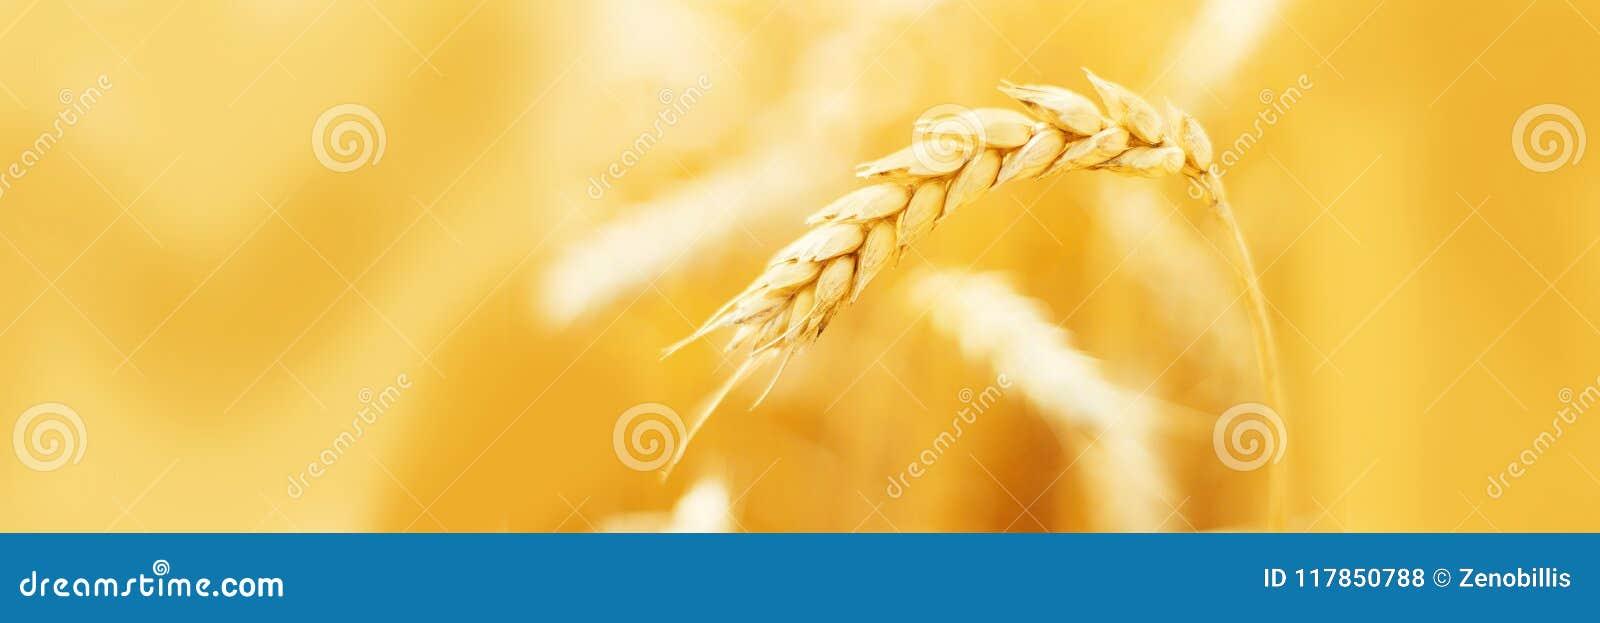 Mogna öron av vete i fält under skördslut upp Åkerbrukt sommarlandskap lantlig plats kopiera avstånd